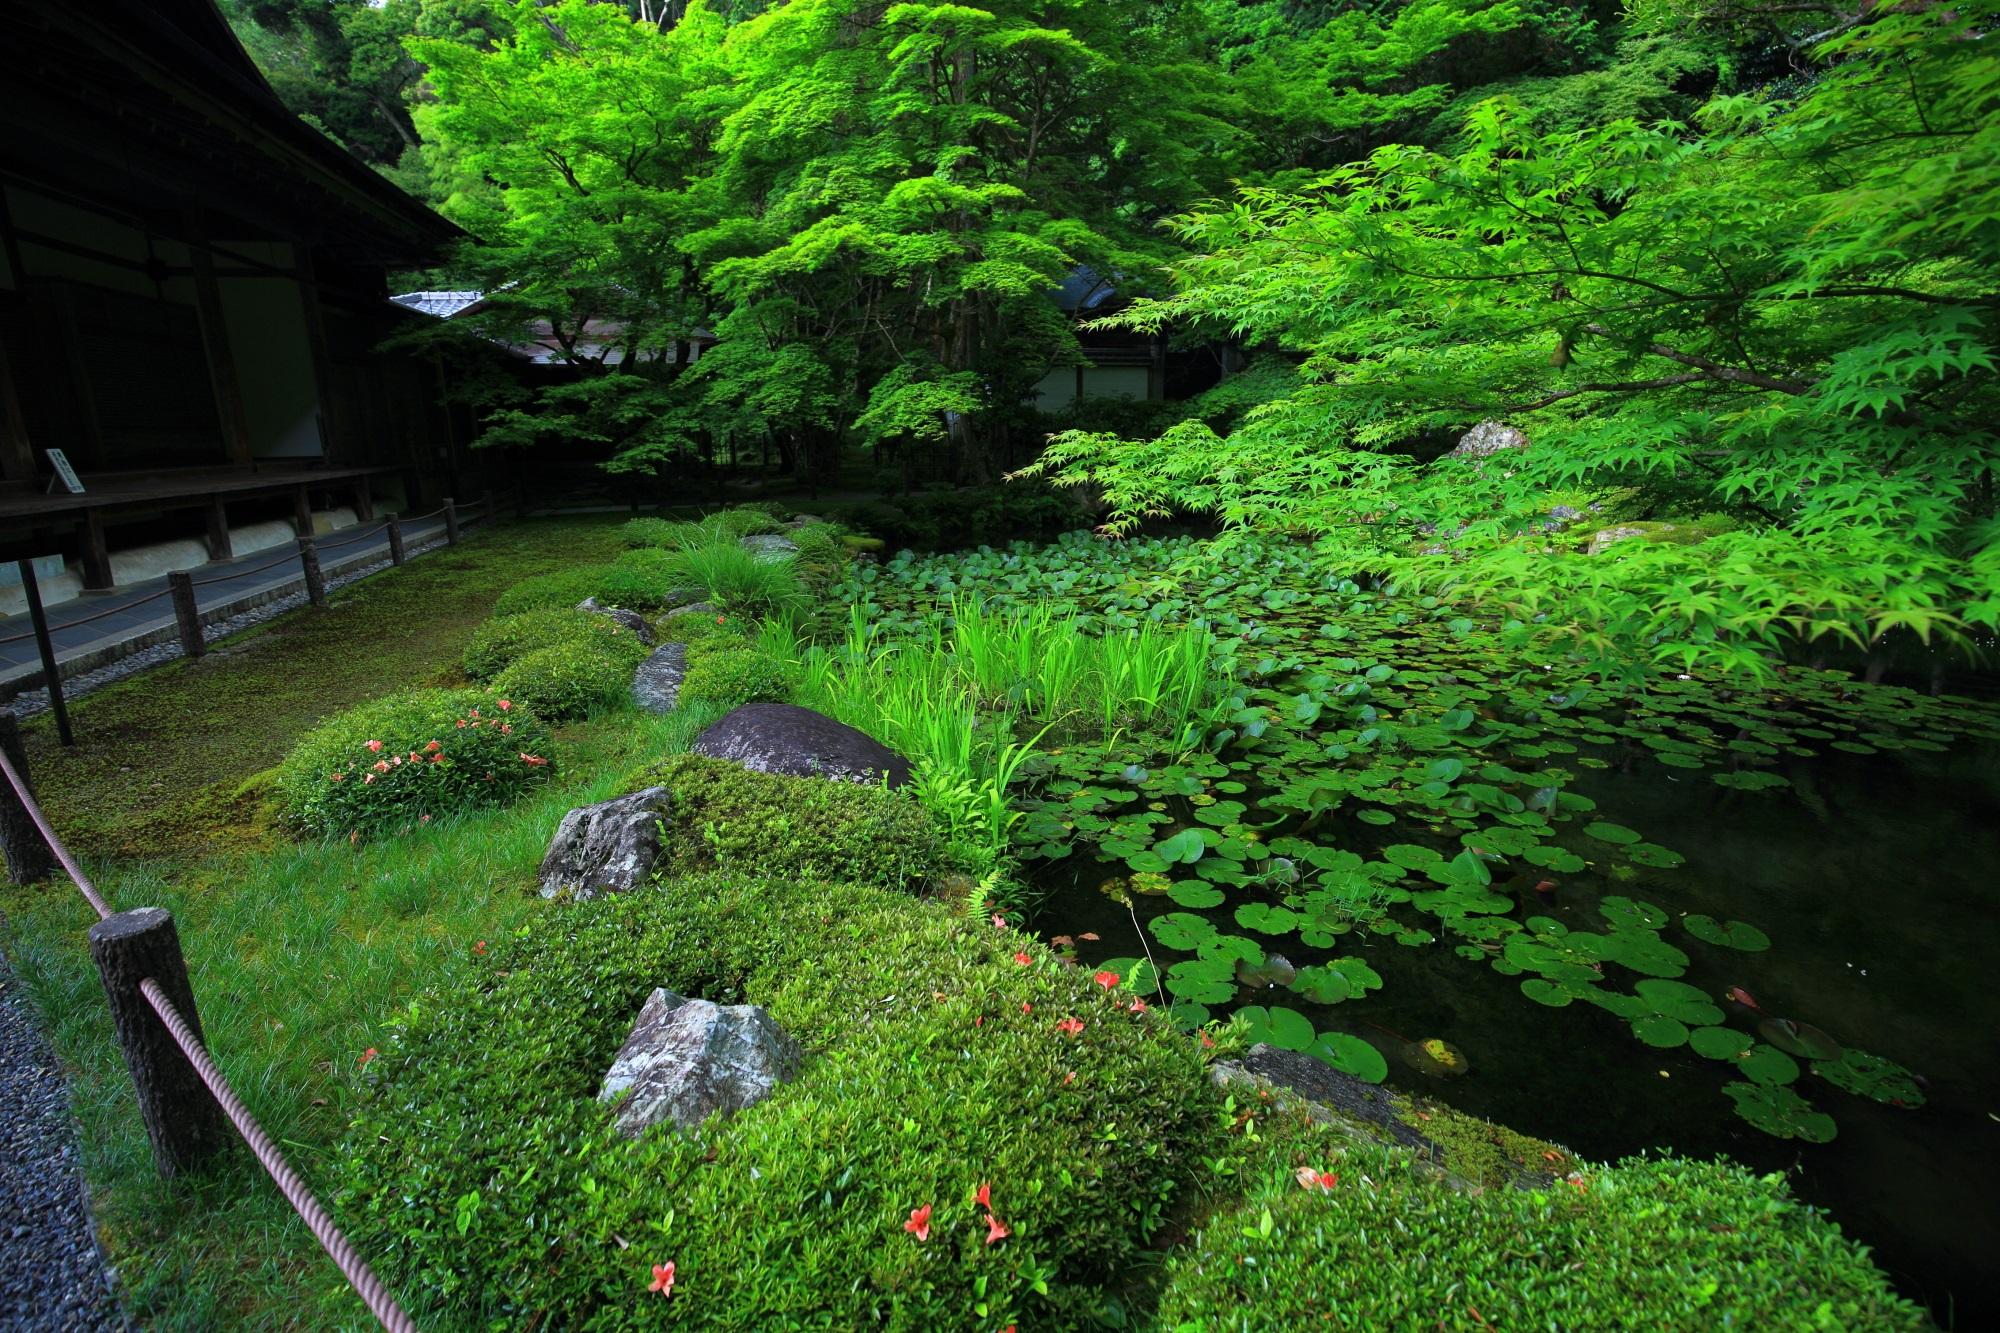 南禅院(なんぜんいん)の青もみじと池と方丈